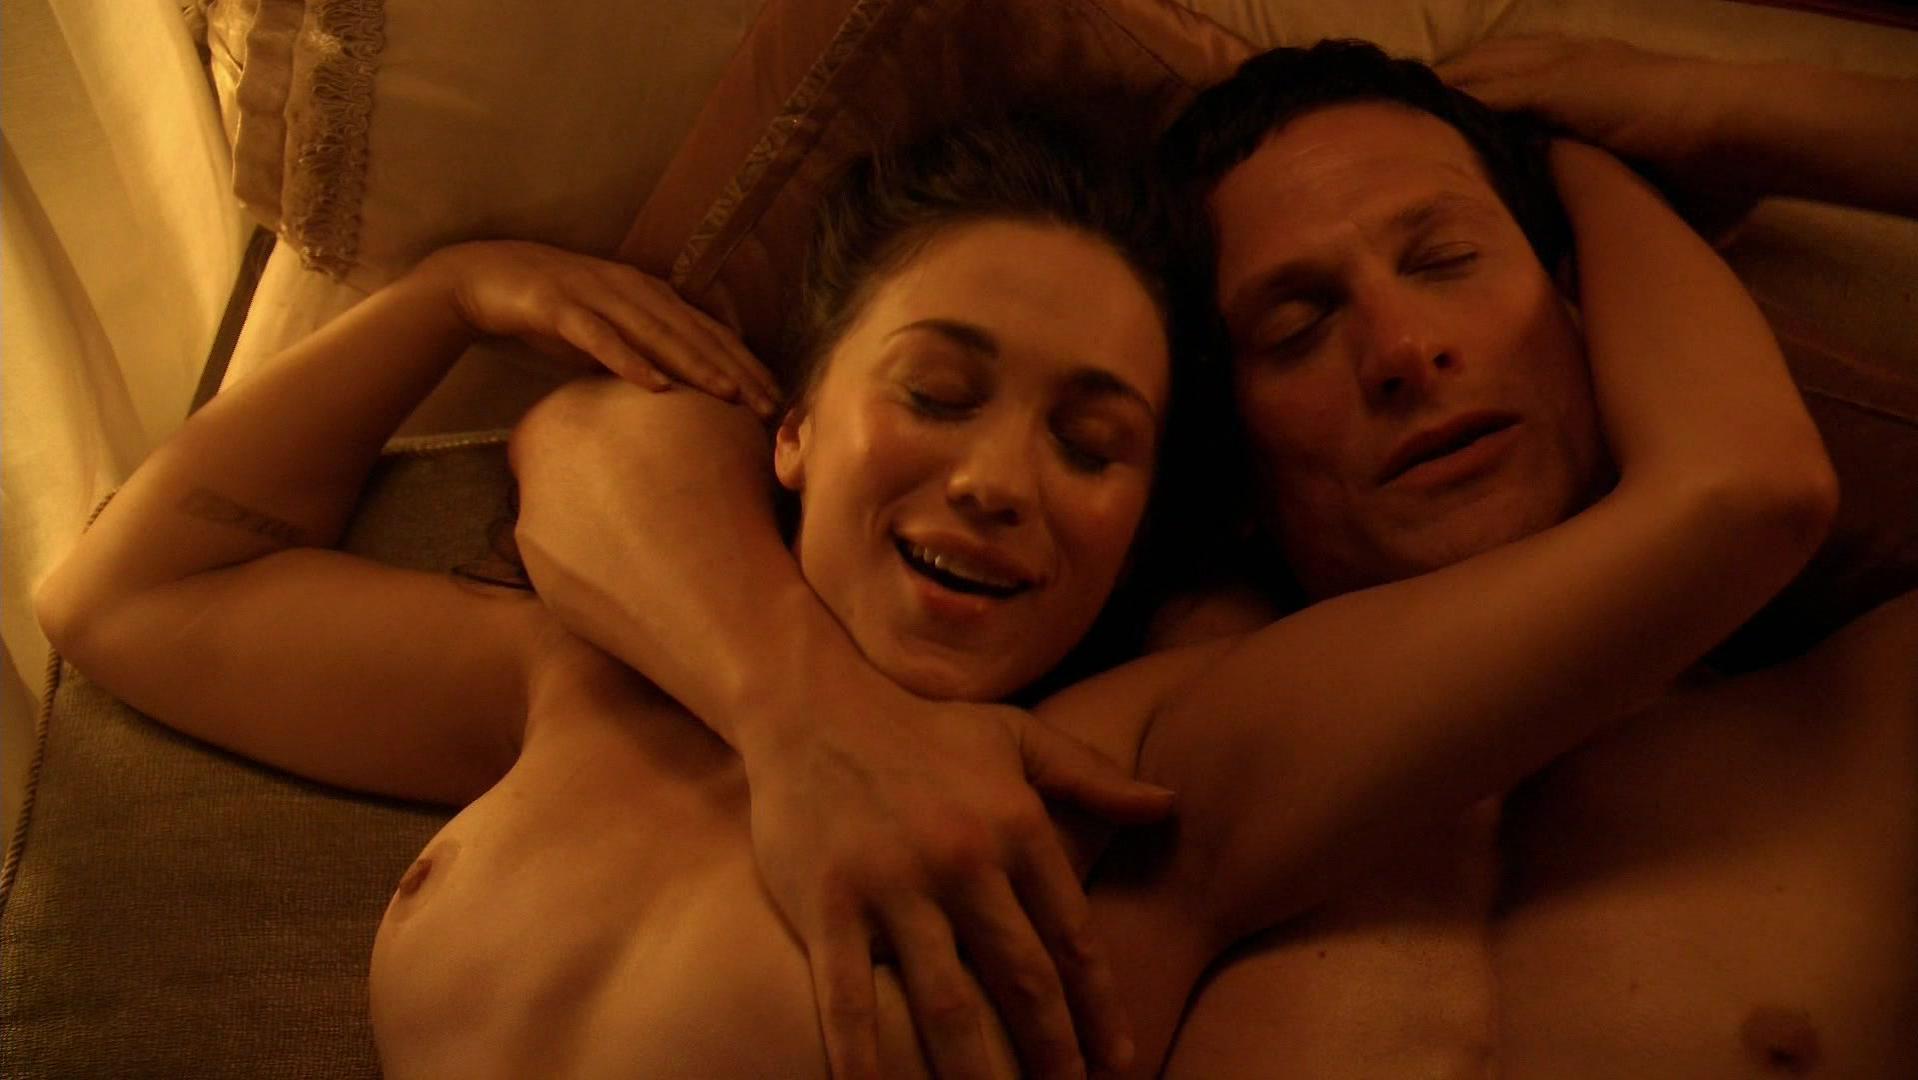 Jenna Lind nude - Spartacus s03e04 (2013)